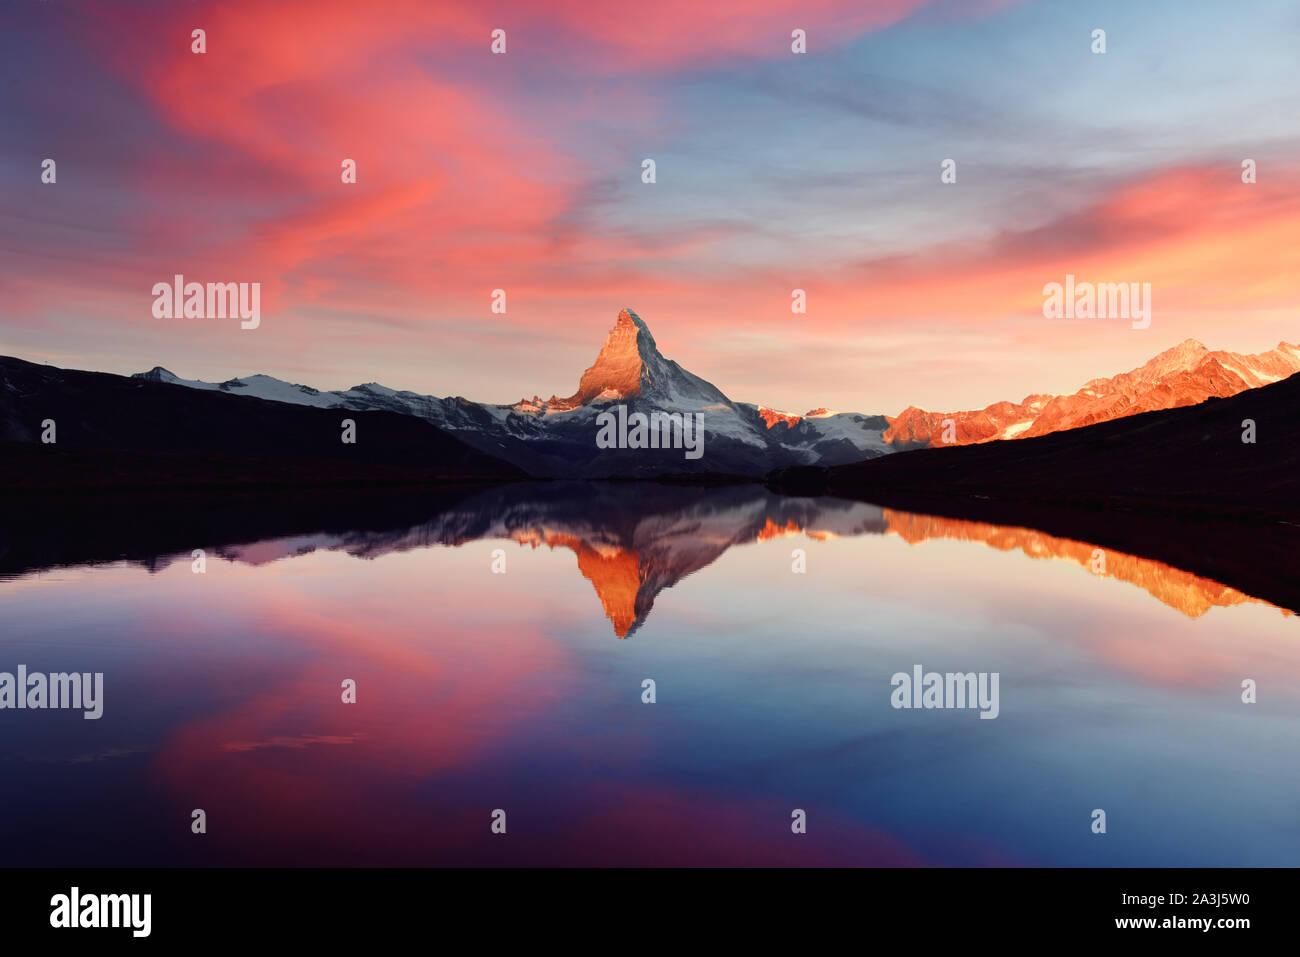 Espléndido paisaje con coloridos Stellisee amanecer en el lago. El Matterhorn Cervino pico nevado con el reflejo en el agua clara. Zermatt, Suiza Alpes Foto de stock